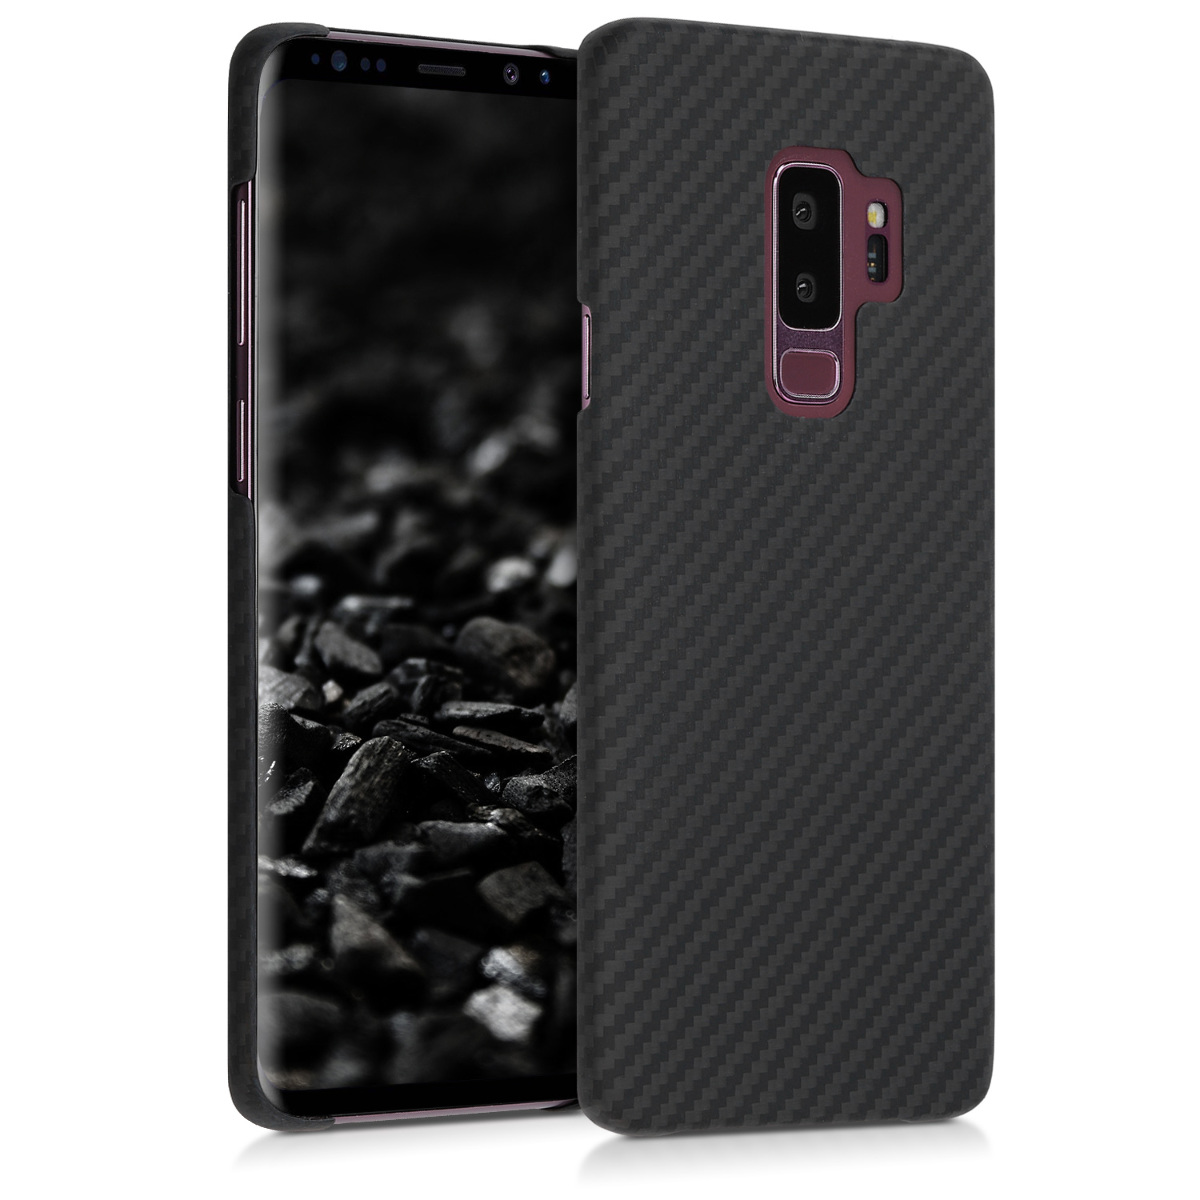 Kalibri Aramid Fiber Body - Σκληρή Θήκη Samsung Galaxy S9 Plus - Black Matte (47940.47)